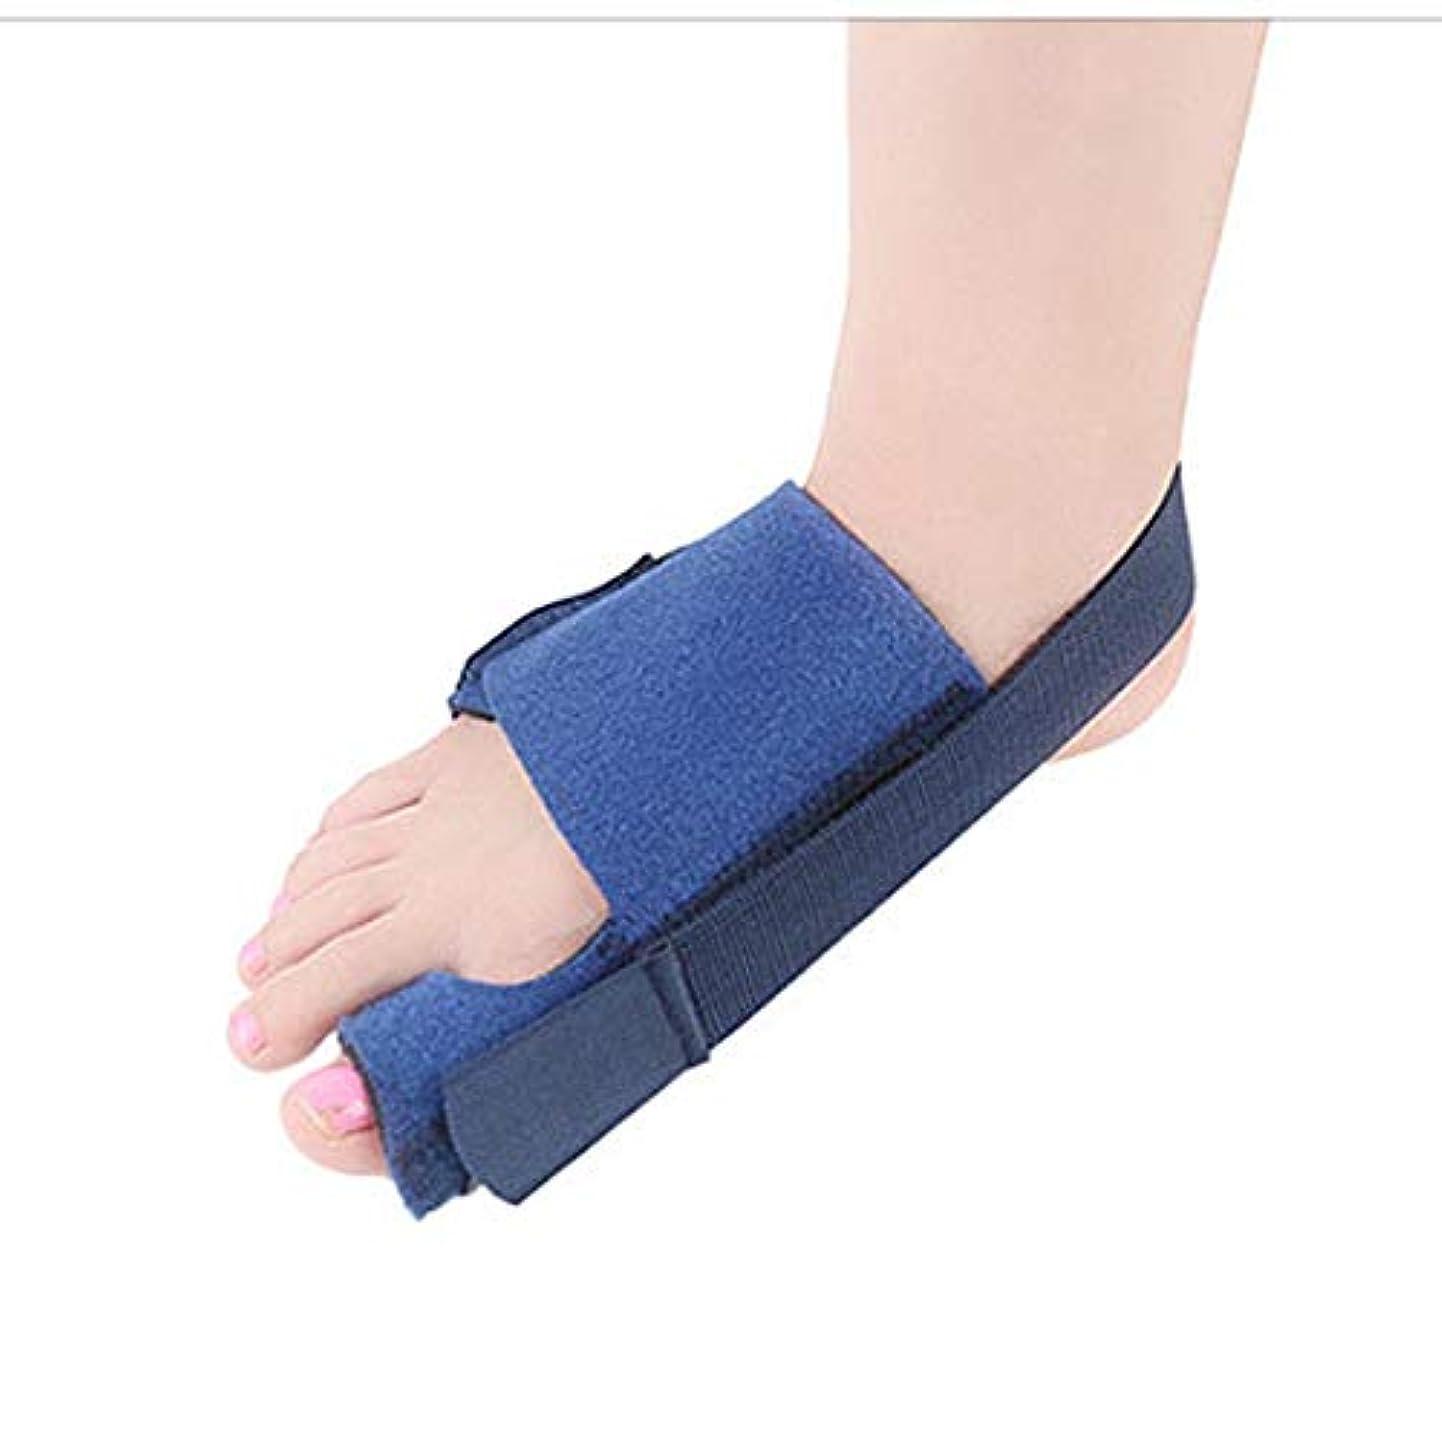 ライトニング散るアクセス腱膜瘤矯正と腱膜瘤救済、女性と男性のための整形外科の足の親指矯正、昼夜のサポート、外反母Valの治療と予防,rightfoot